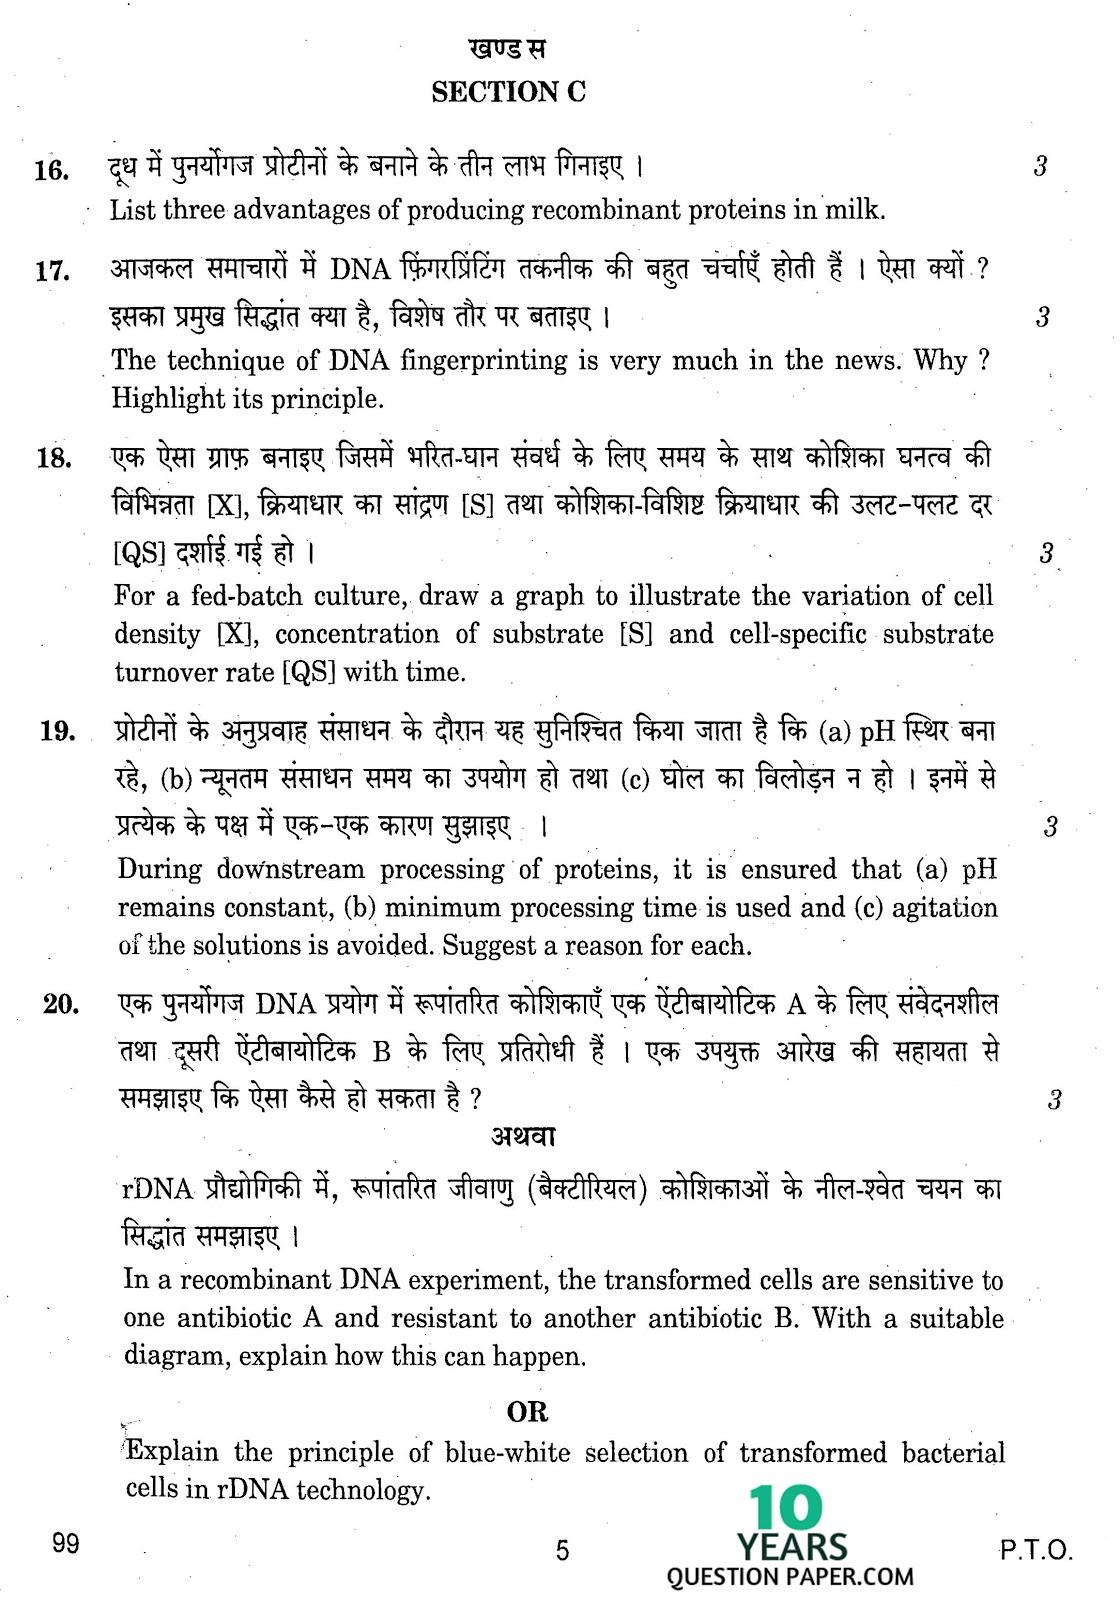 CBSE Class 12 Bio-Technology 2013 Question Paper